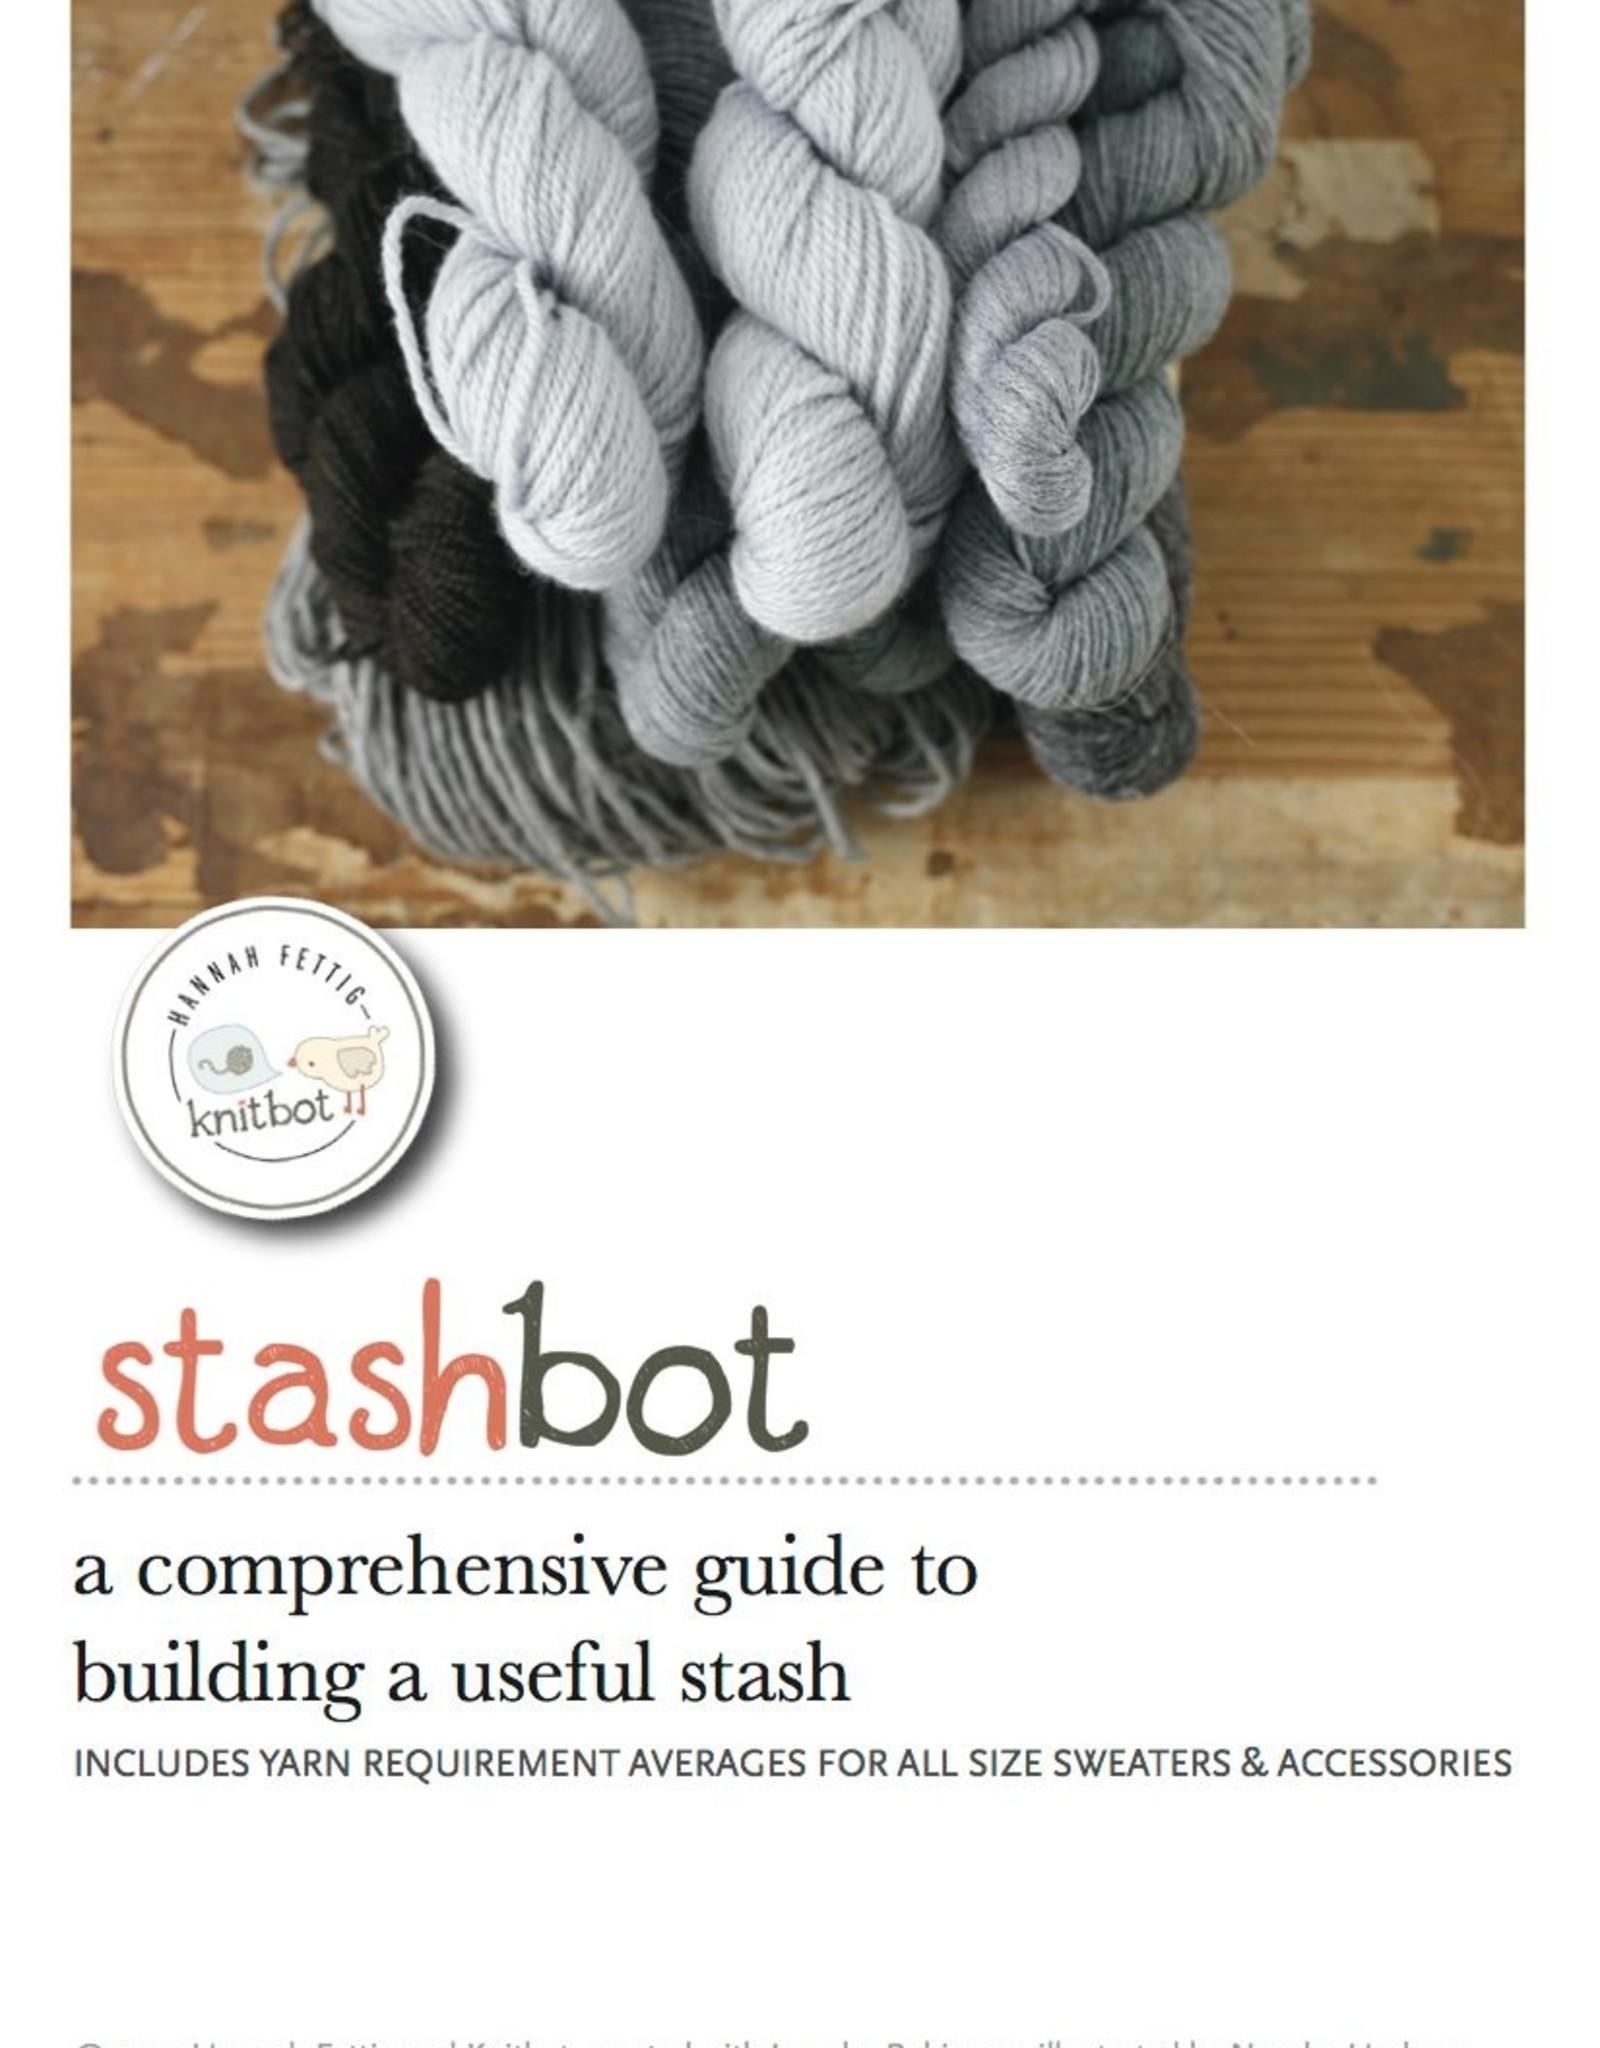 Knitbot Stashbot